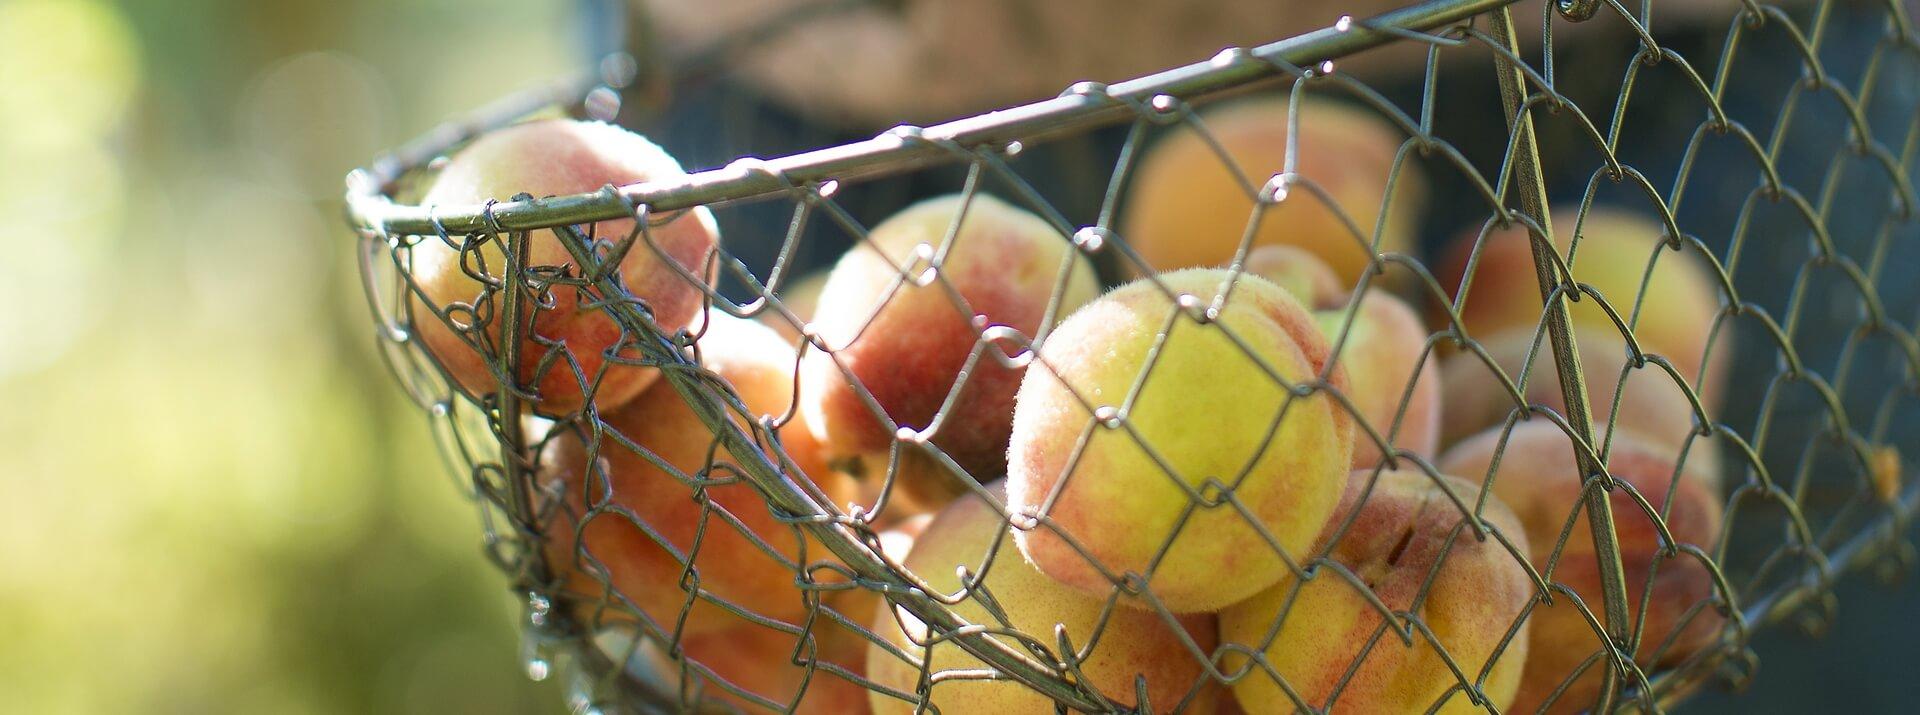 Paniers à récolte